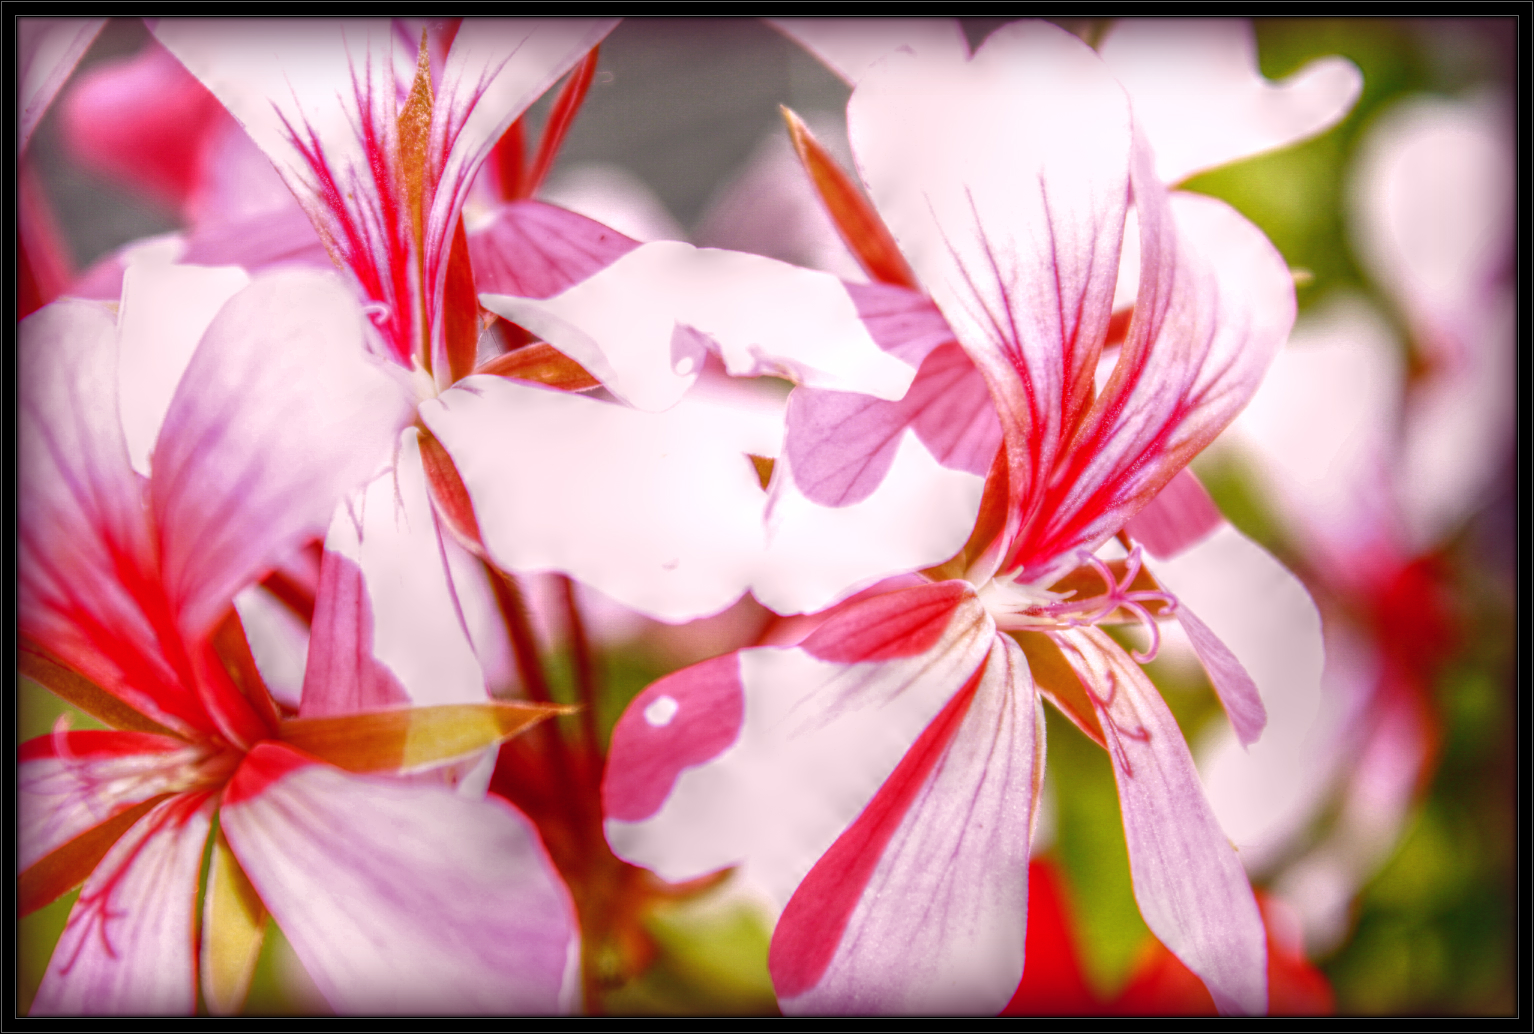 Pink Flowers by DanielHauck